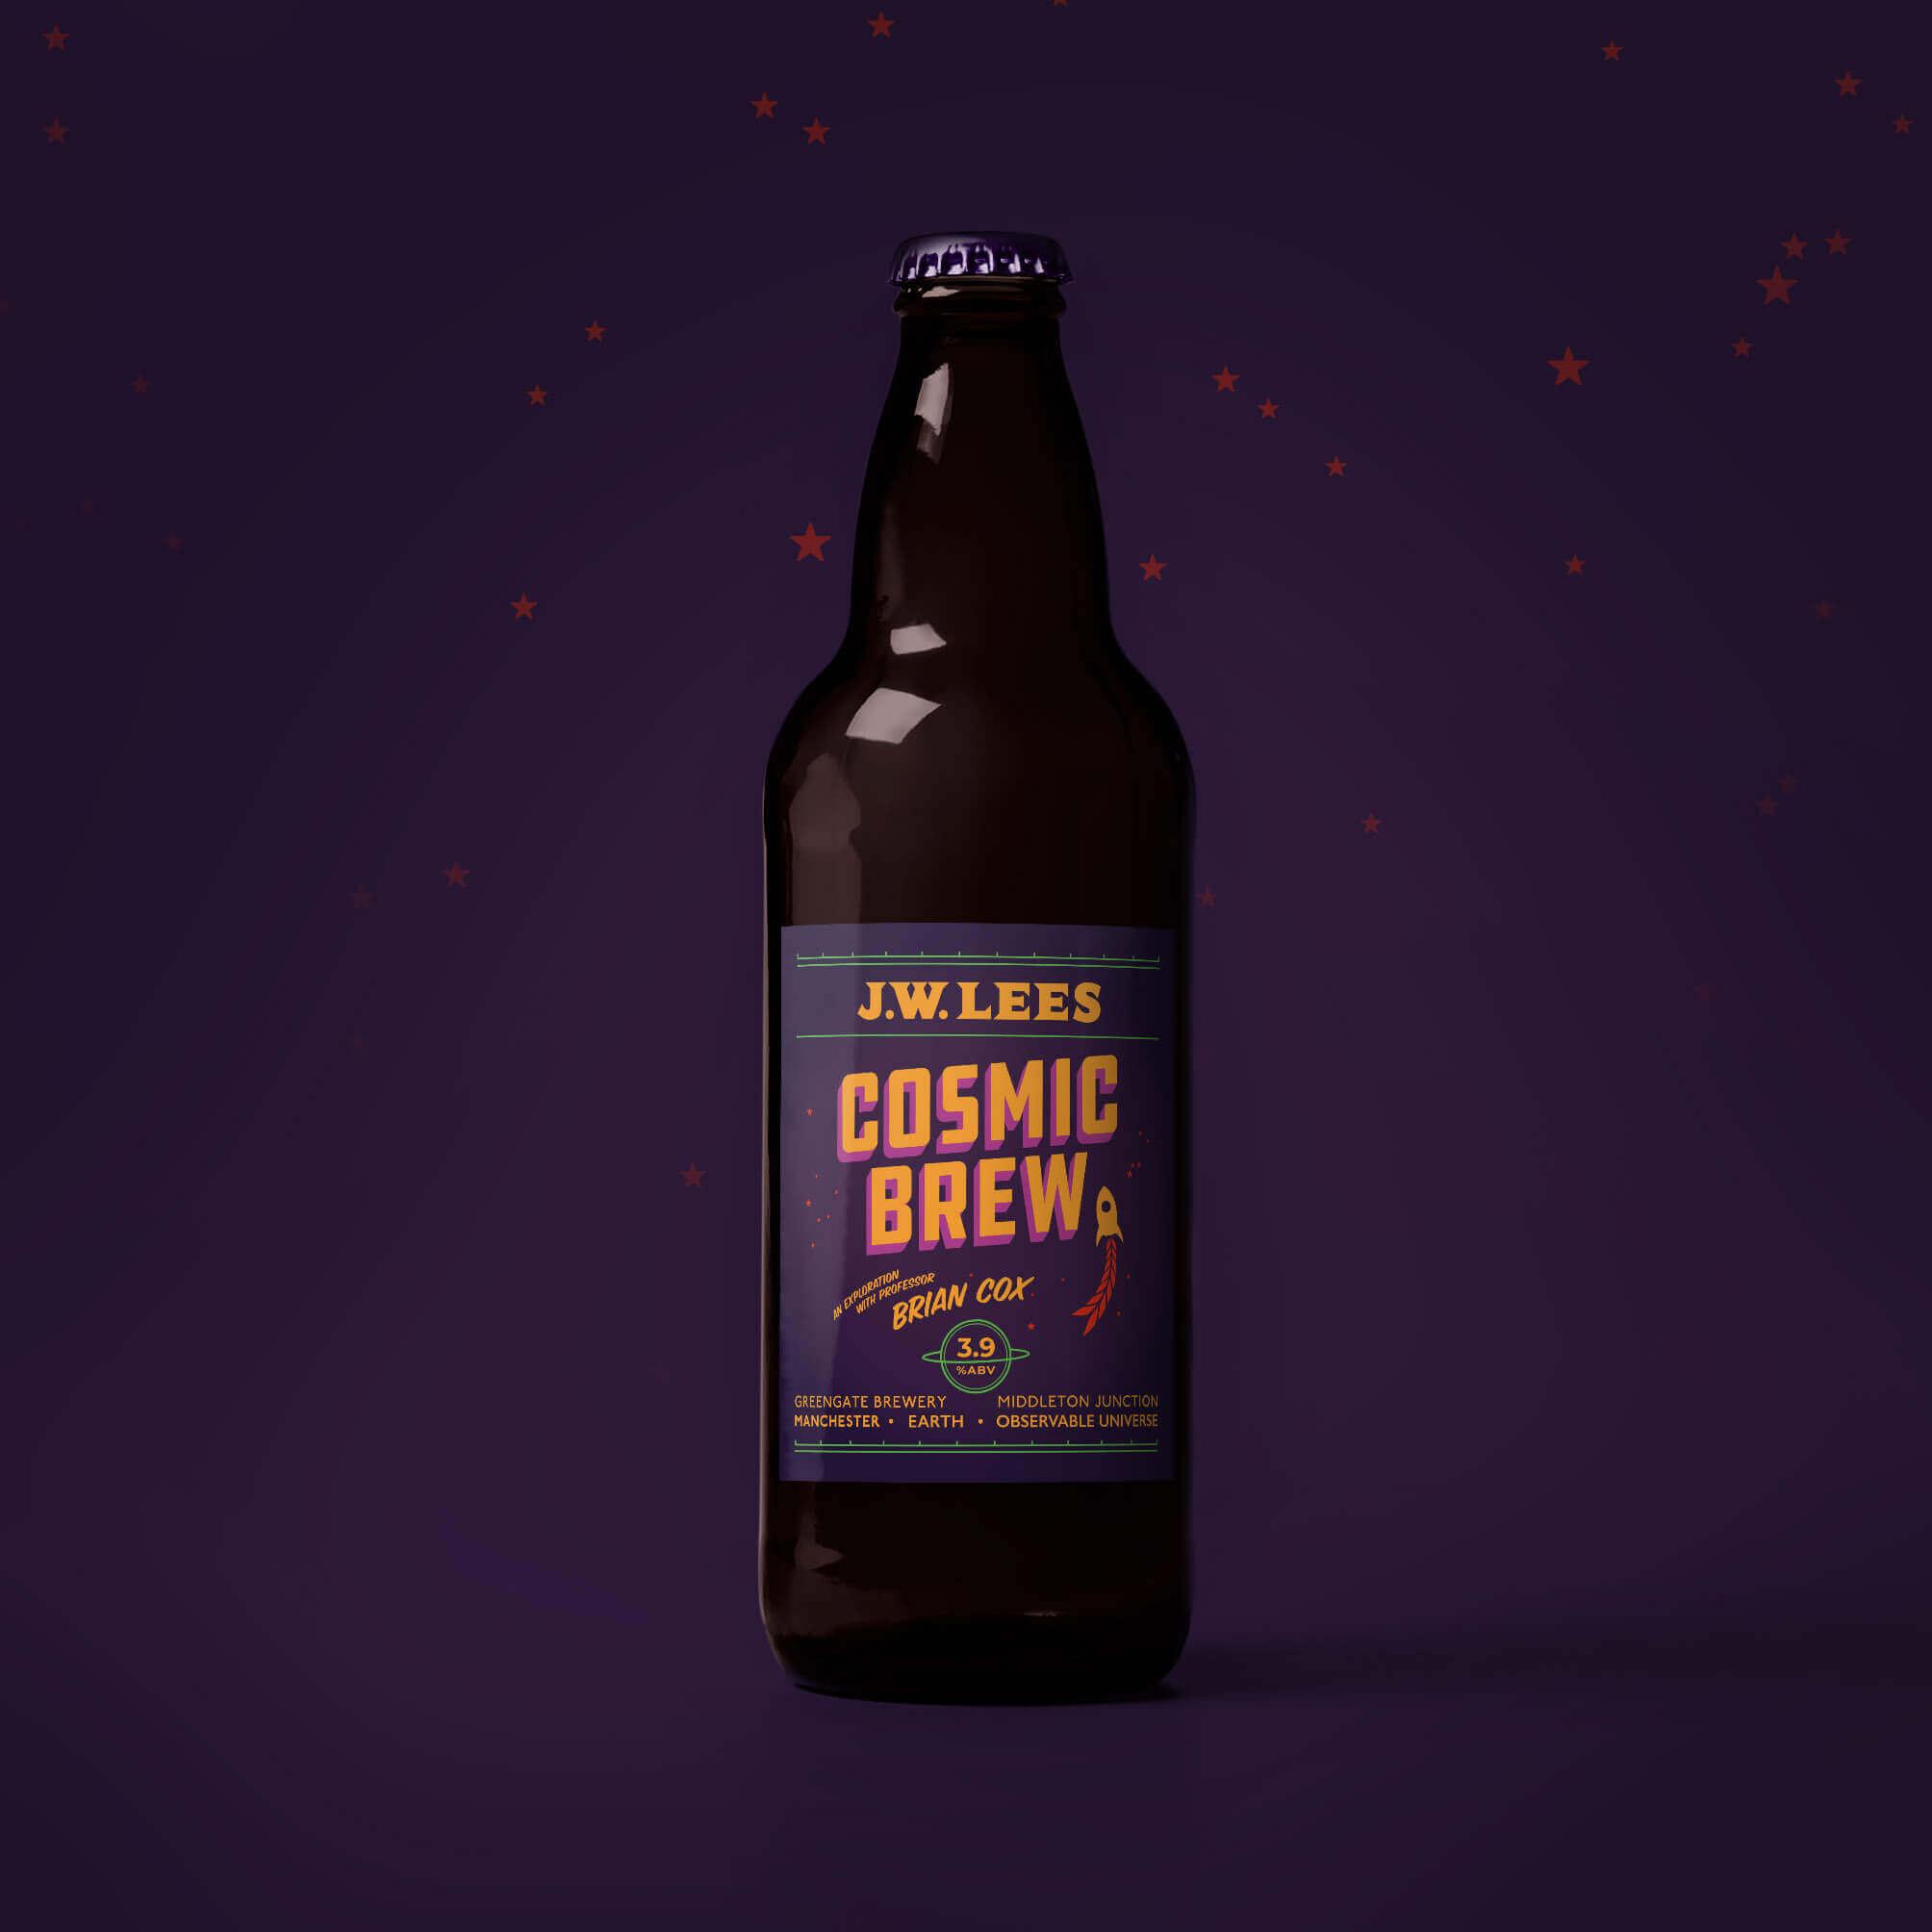 JW Lees Cosmic Brew